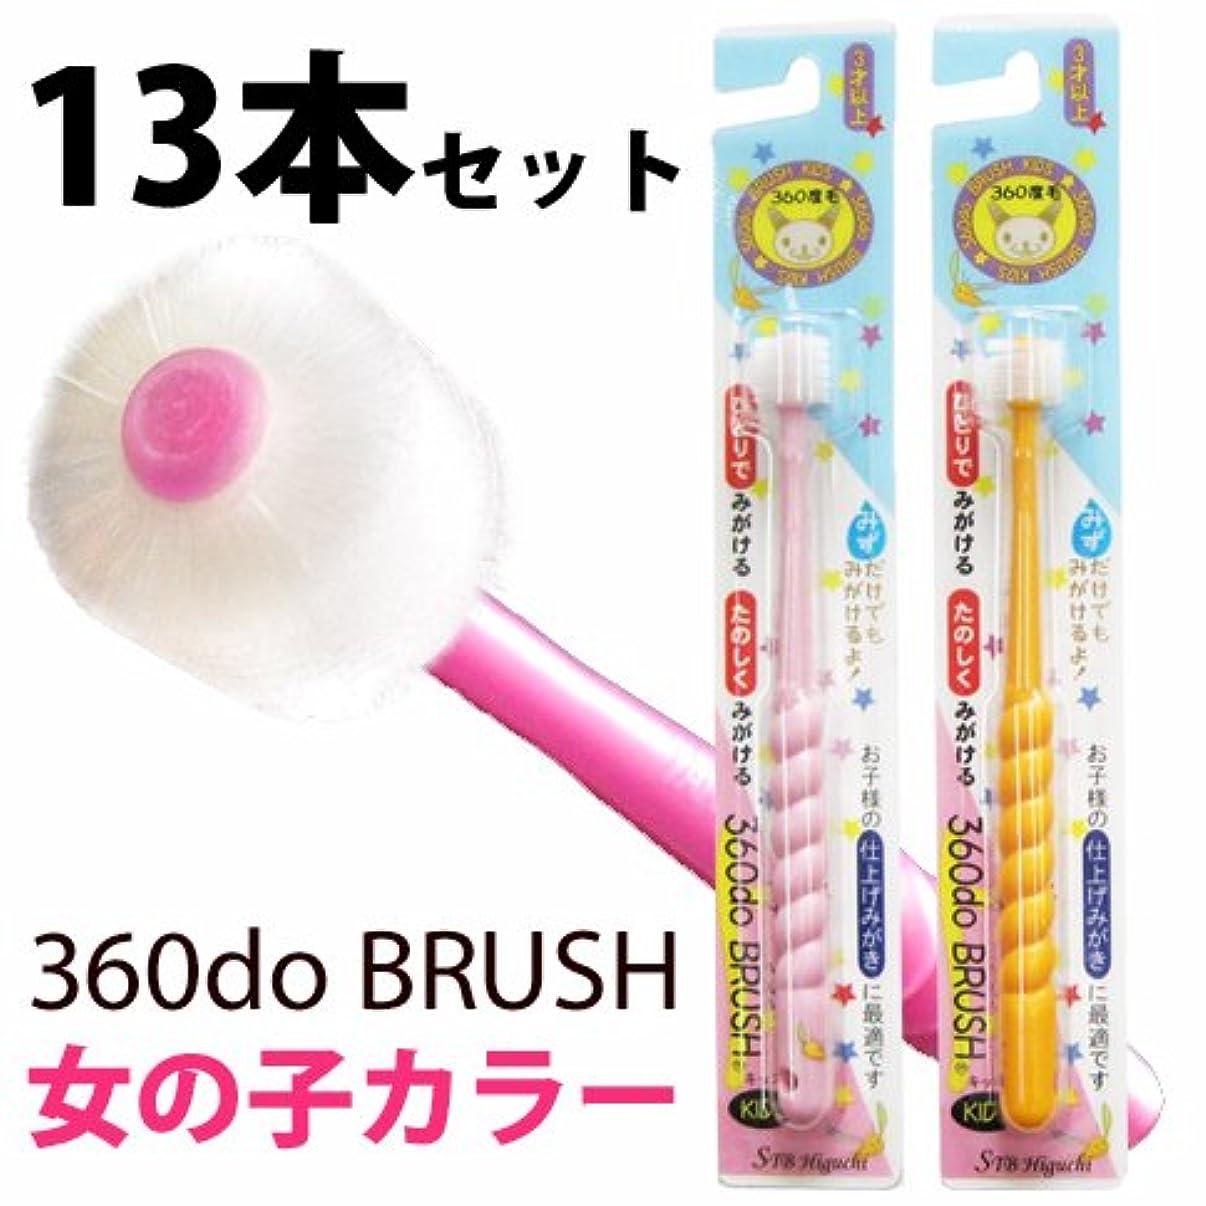 記念宝石砂漠360do BRUSH 360度歯ブラシ キッズ 女の子用 13本セット